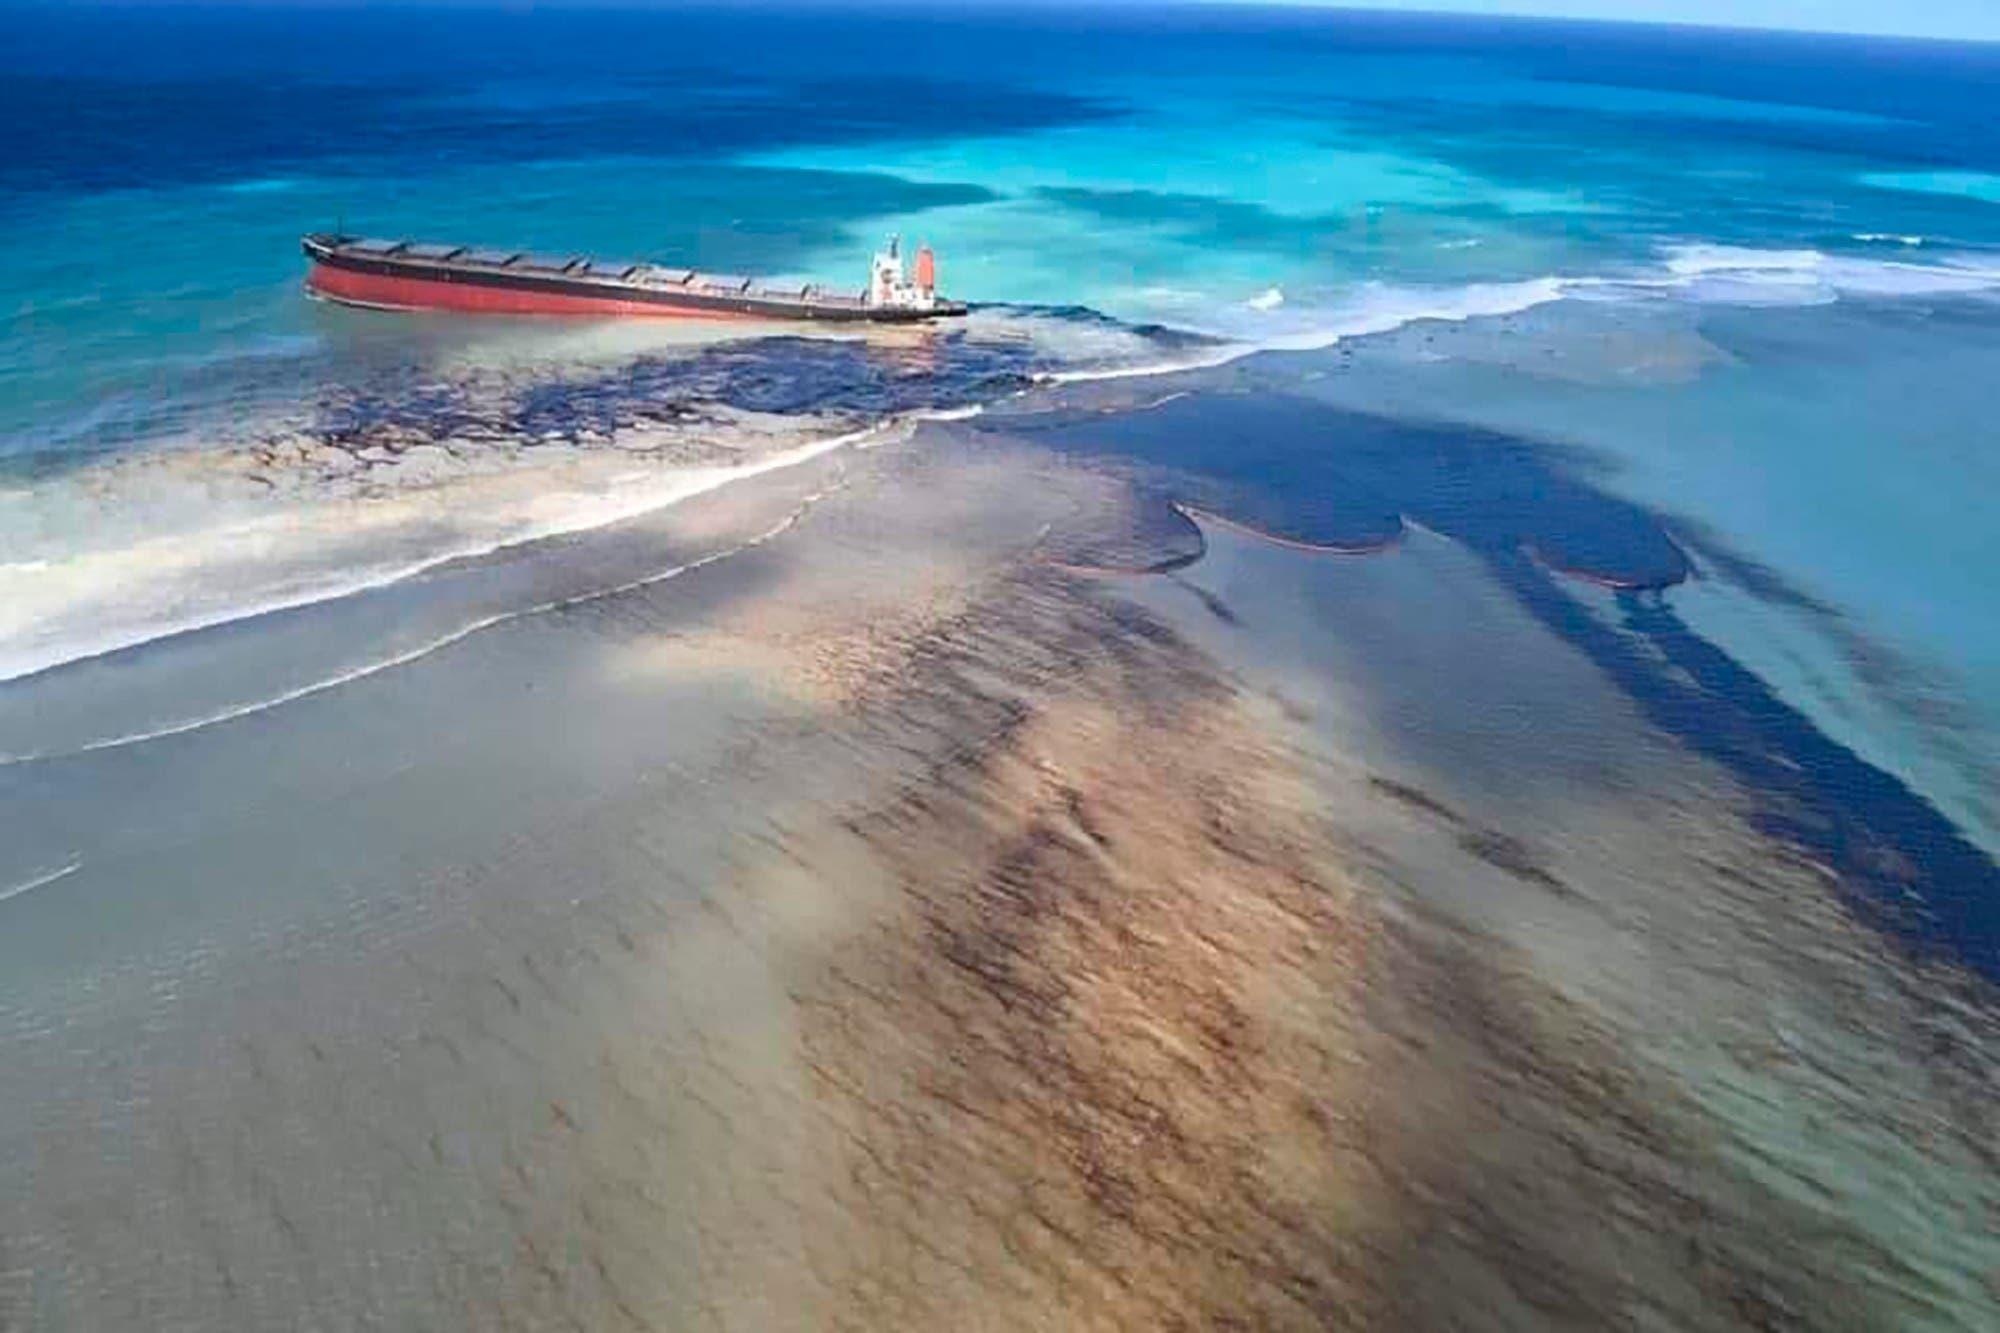 Desastre en el paraíso: un derrame petrolero pone en emergencia a la isla Mauricio